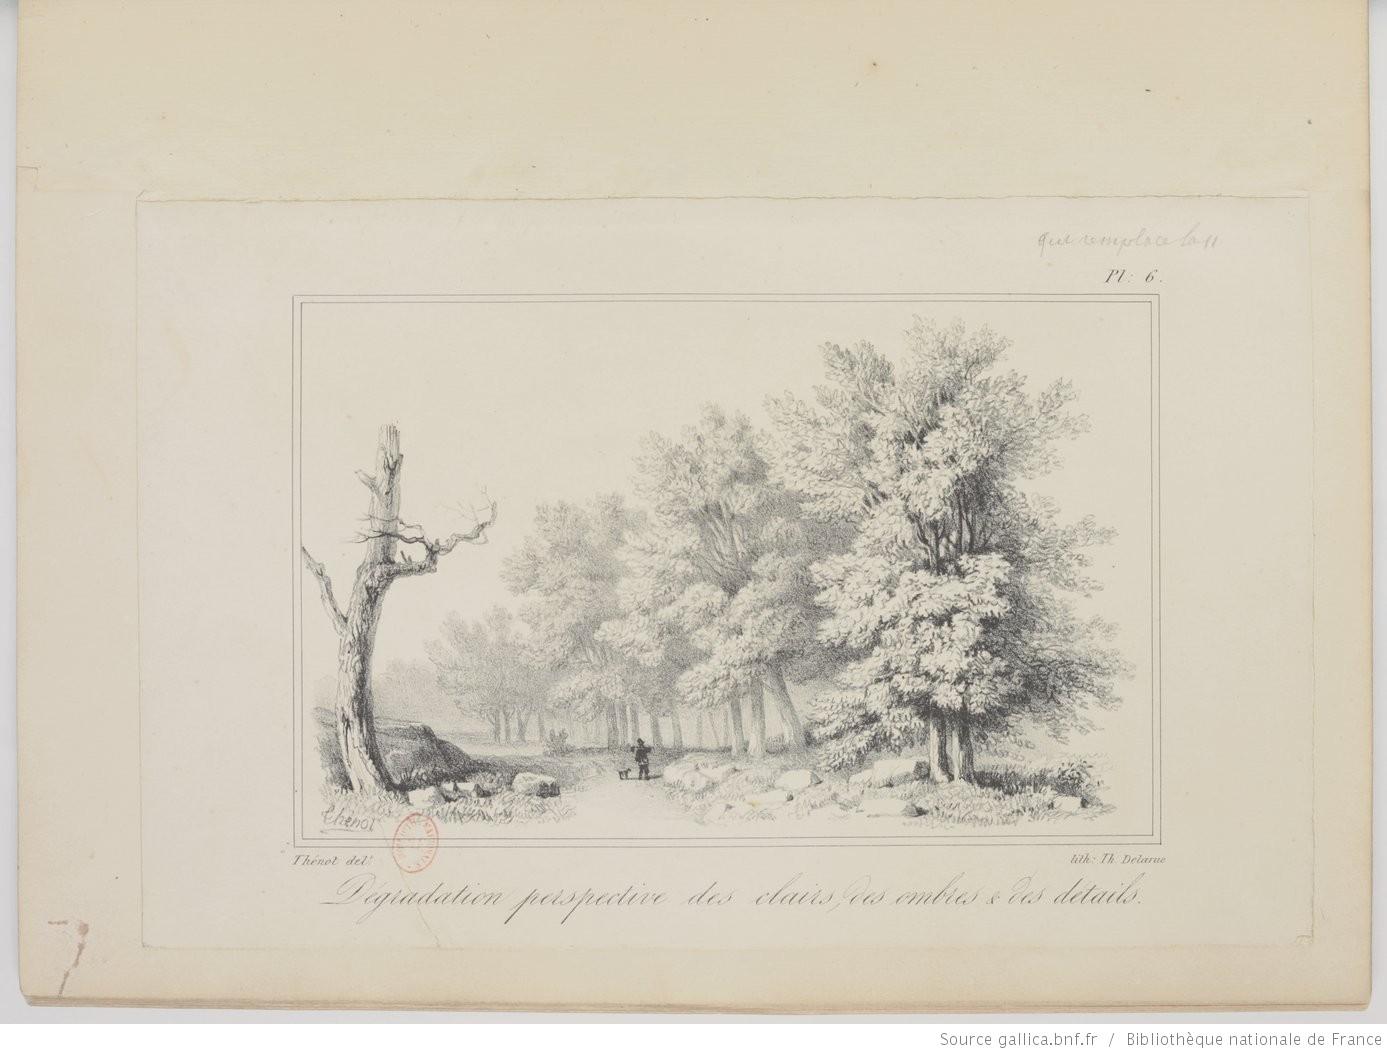 dessiner une haies d'arbres